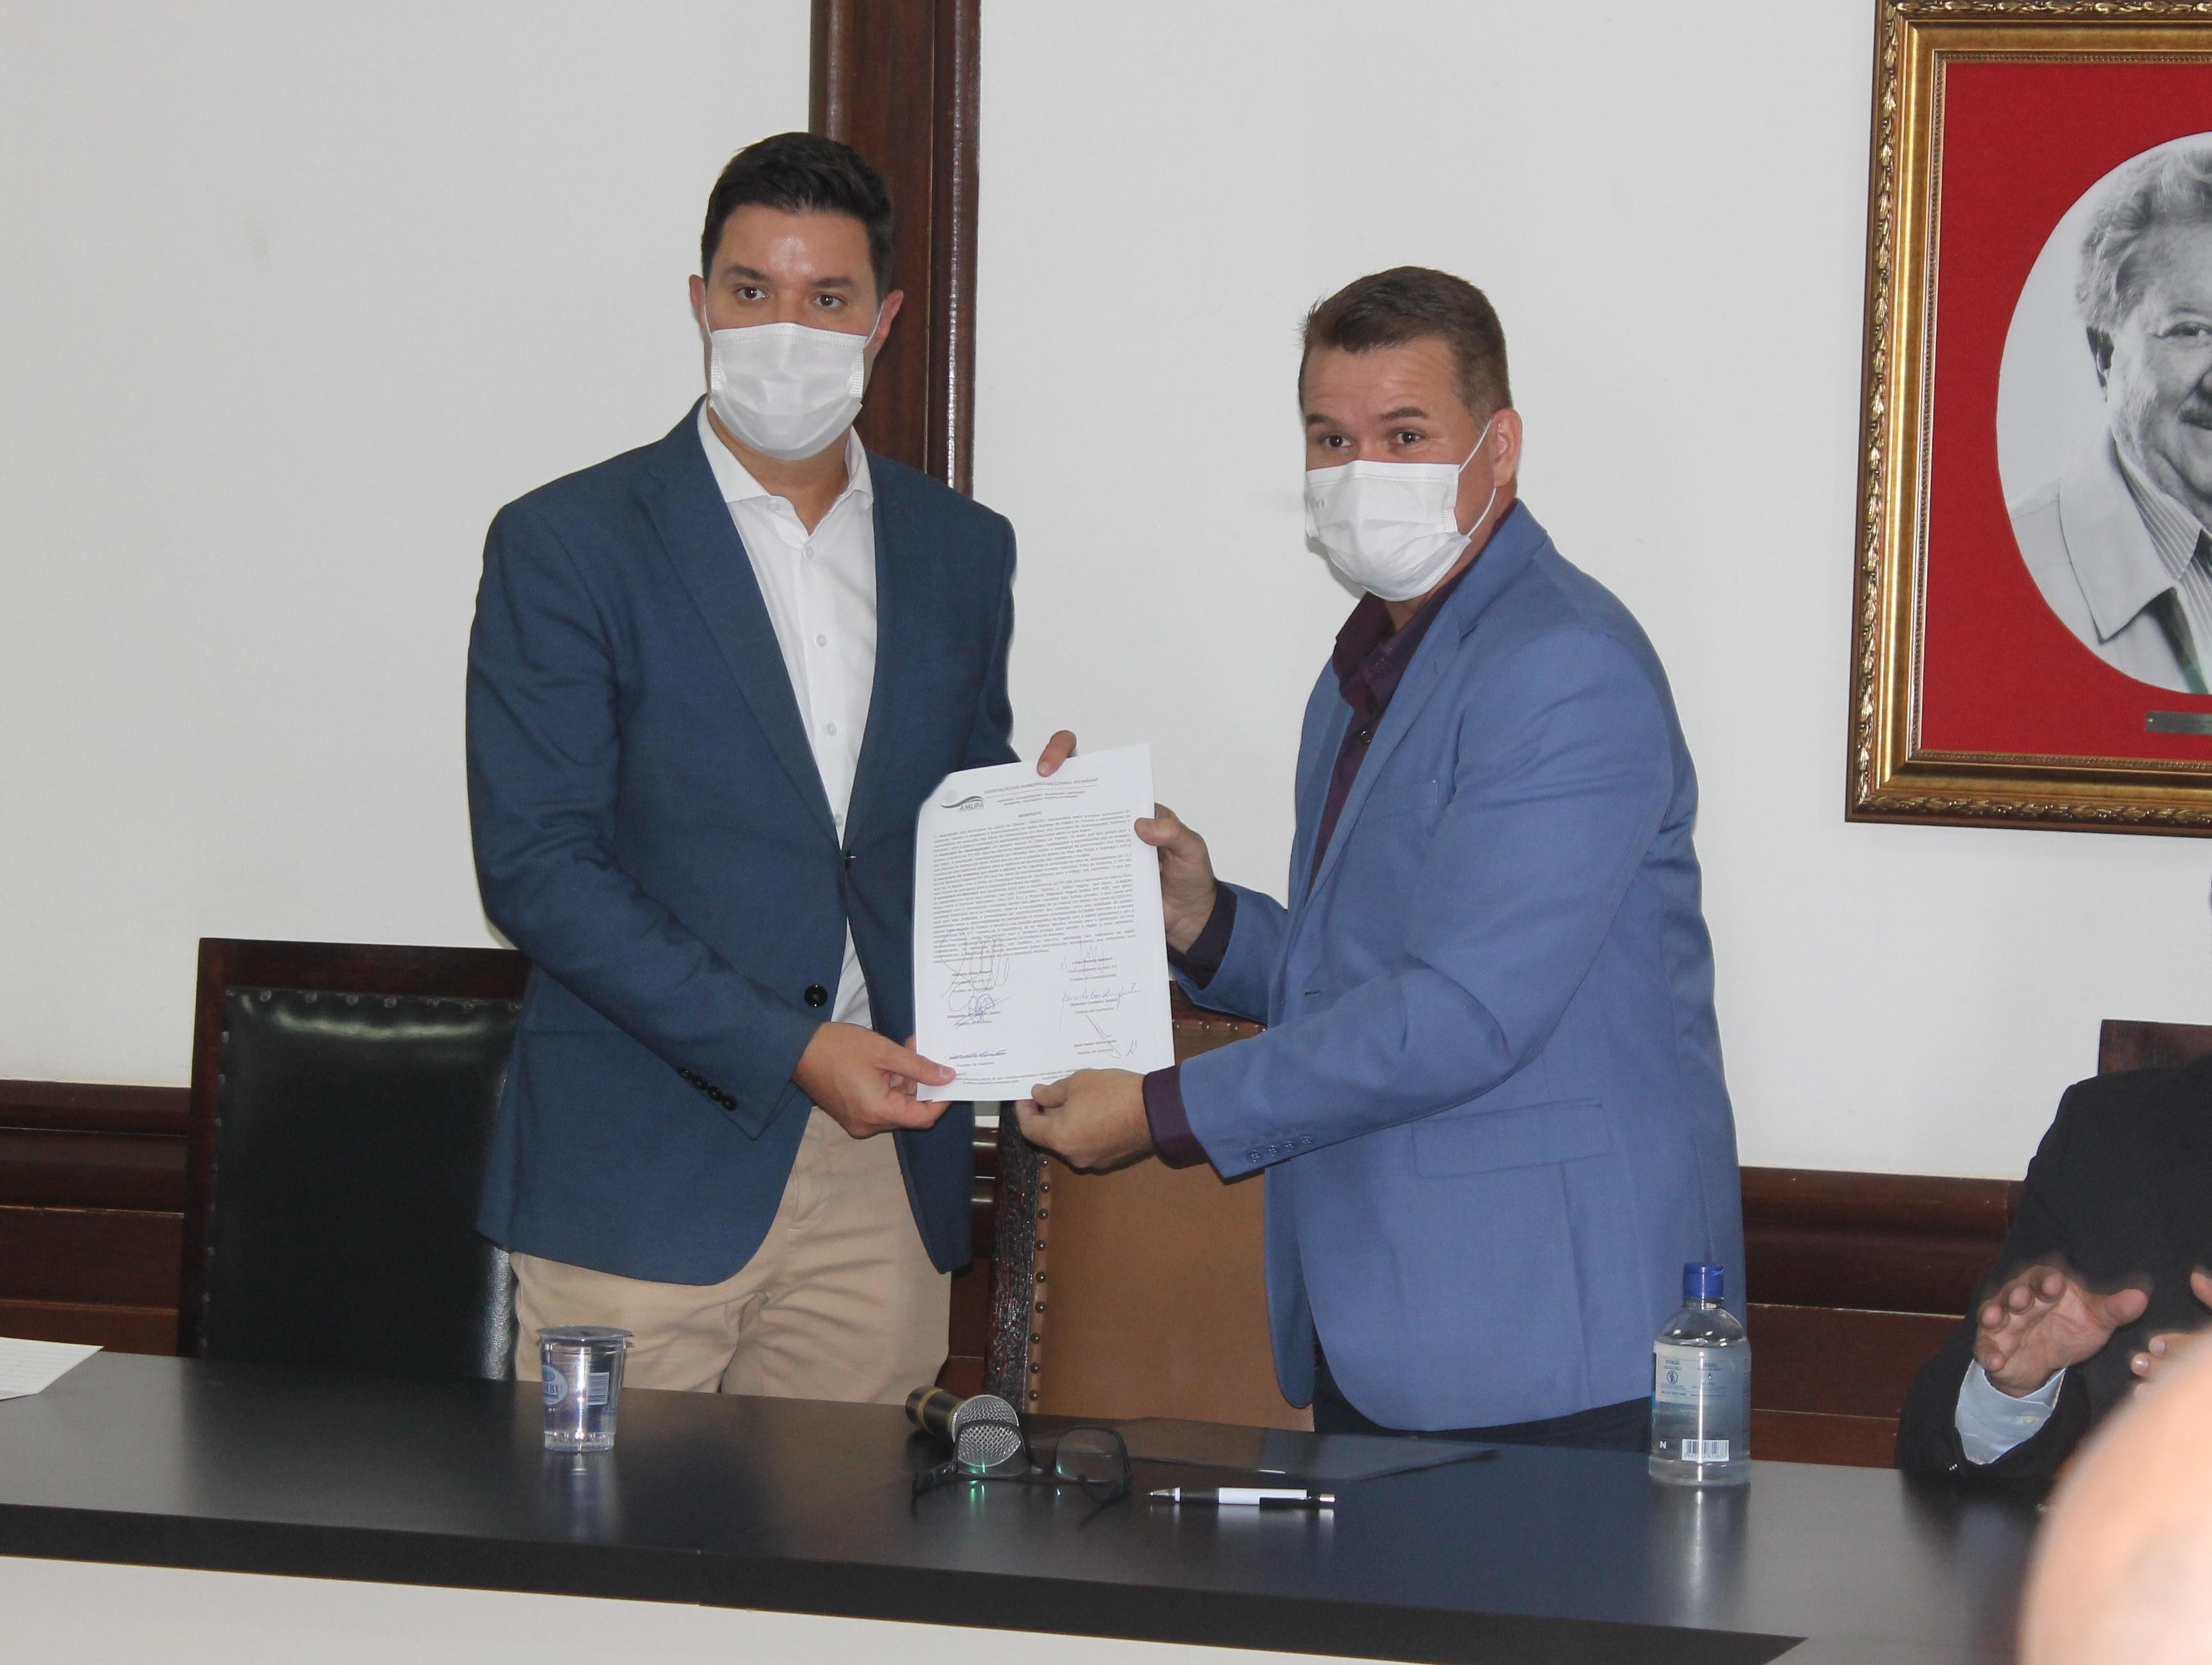 Prefeito de Paranaguá apresenta demandas a representante do Governo